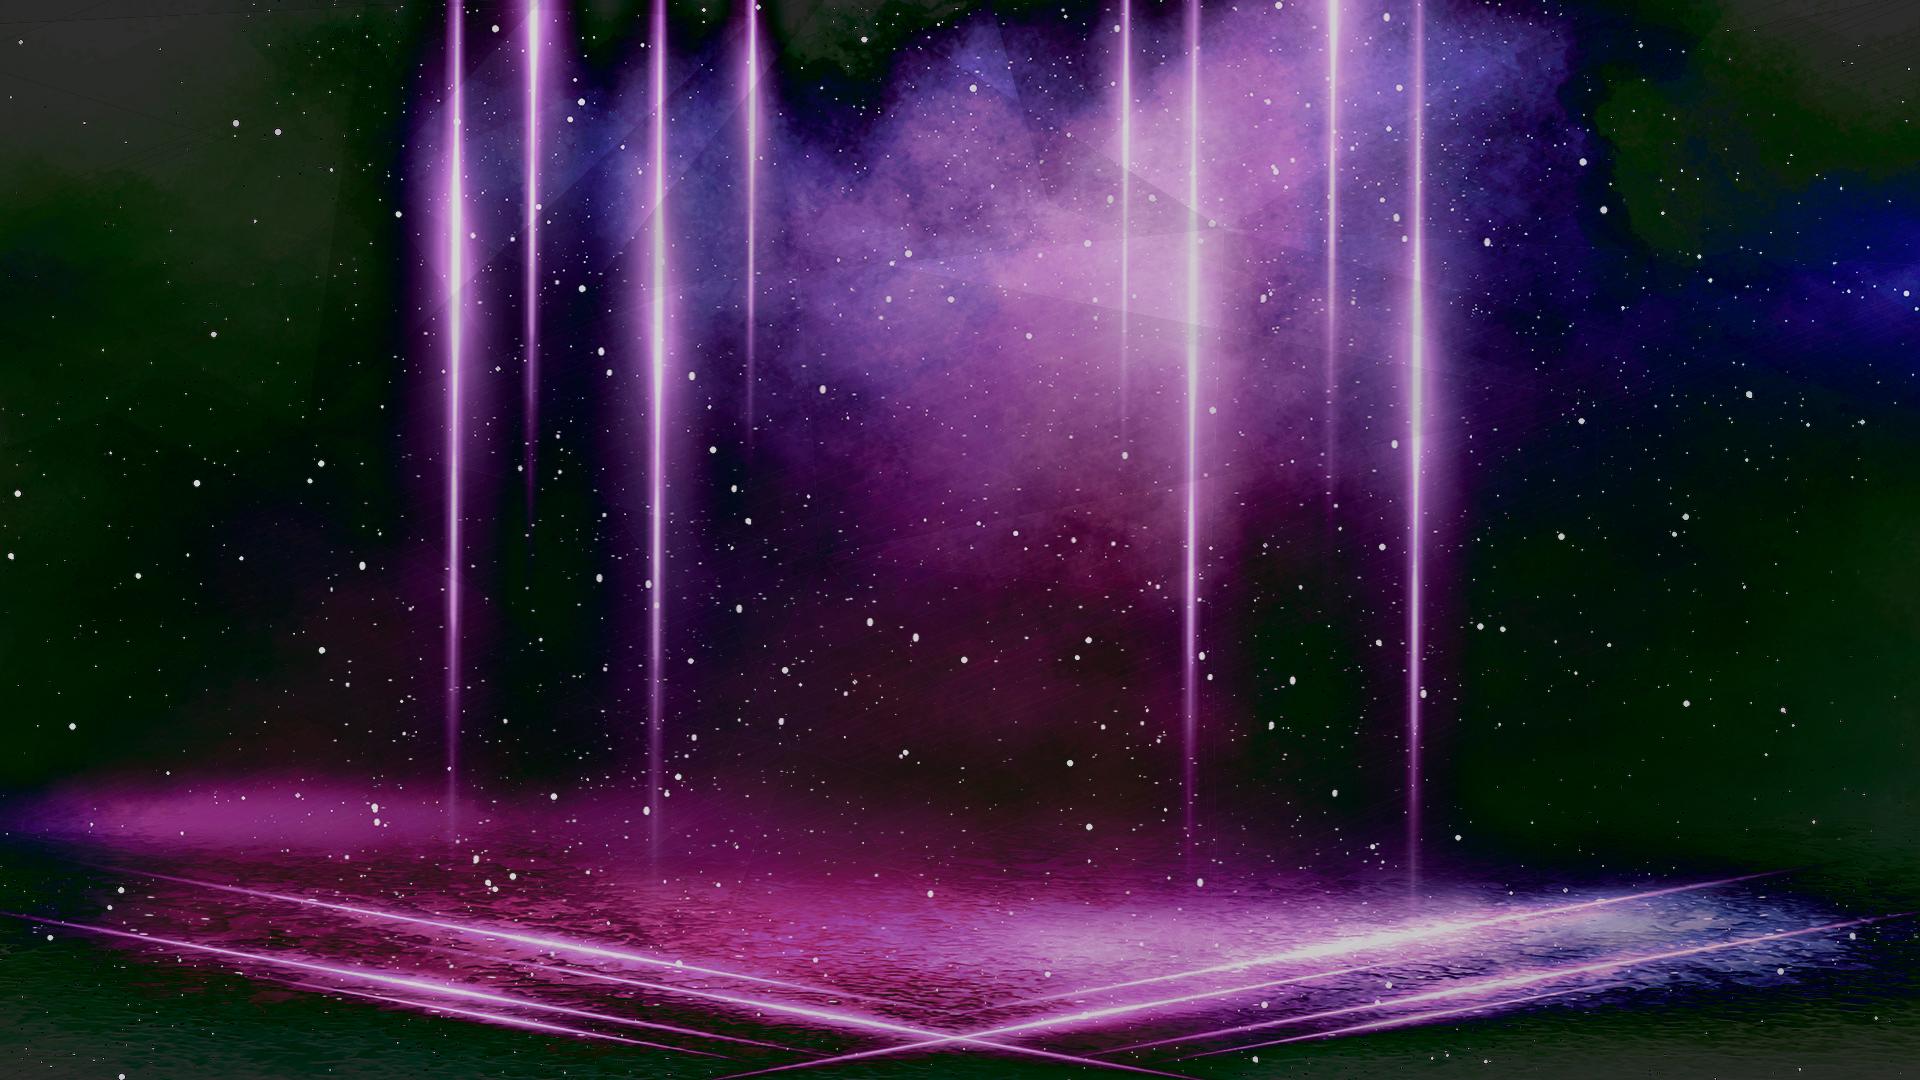 Weltraum, Raumfahrt, Nasa, Weltall, Licht, Laser, Sterne, Blitz, Neon, Sternenhimmel, Nachthimmel, Sternschnuppen, Blitze, Konstellation, Lichtstahl, Mystisch